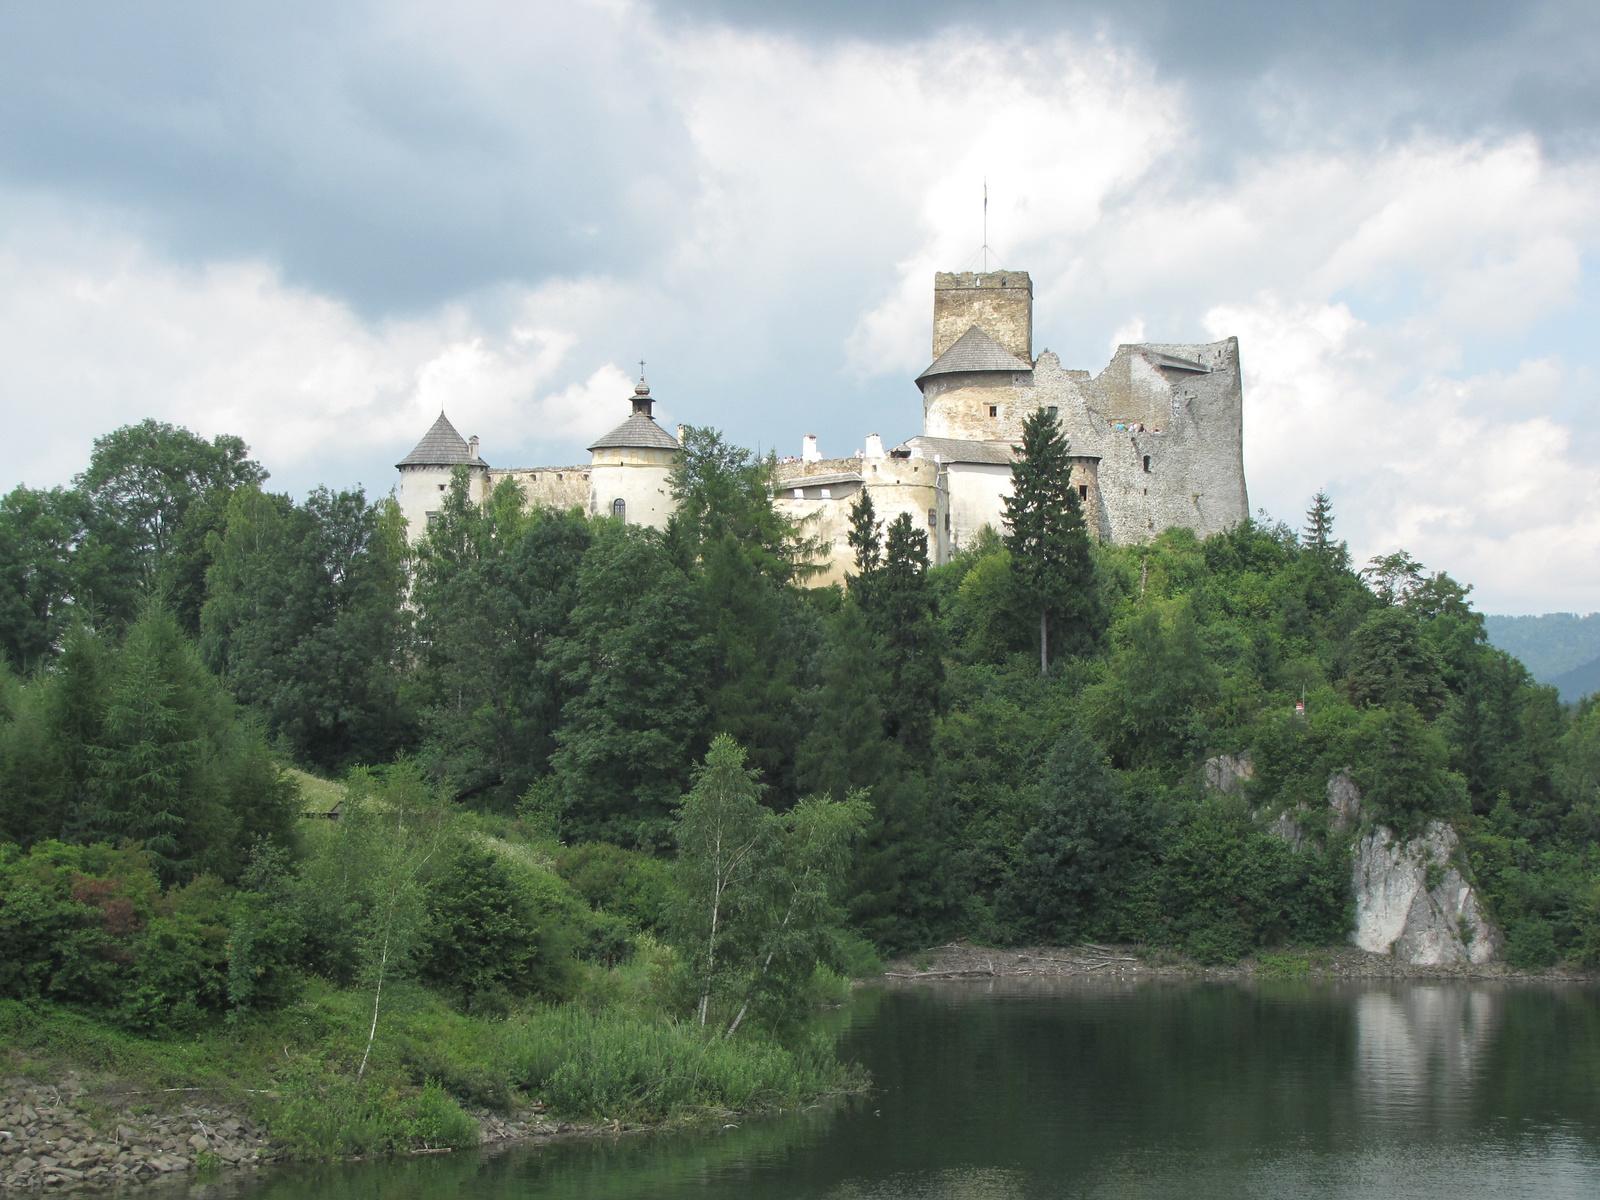 mesterséges tó a Dunajecen, Nedec vára, SzG3